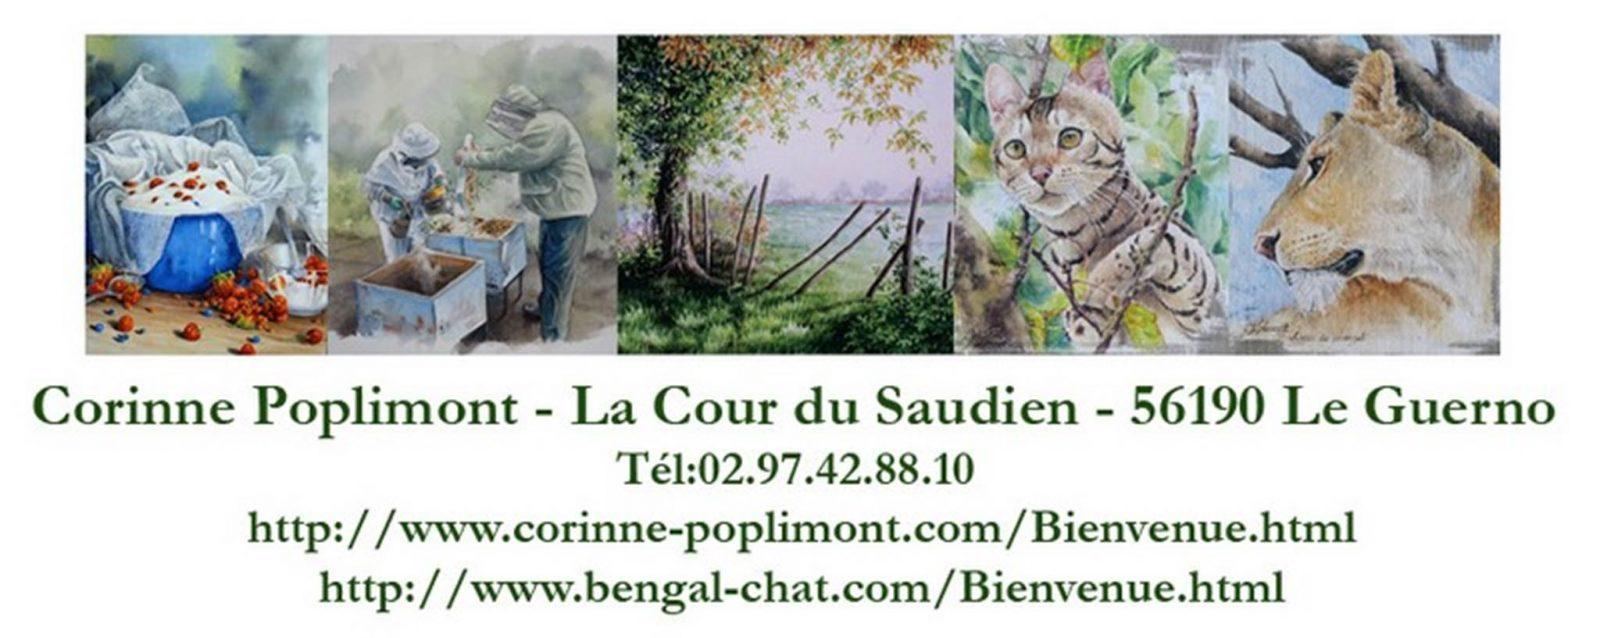 Corinne poplimont-Le Guerno-Tourisme arc sud bretagne